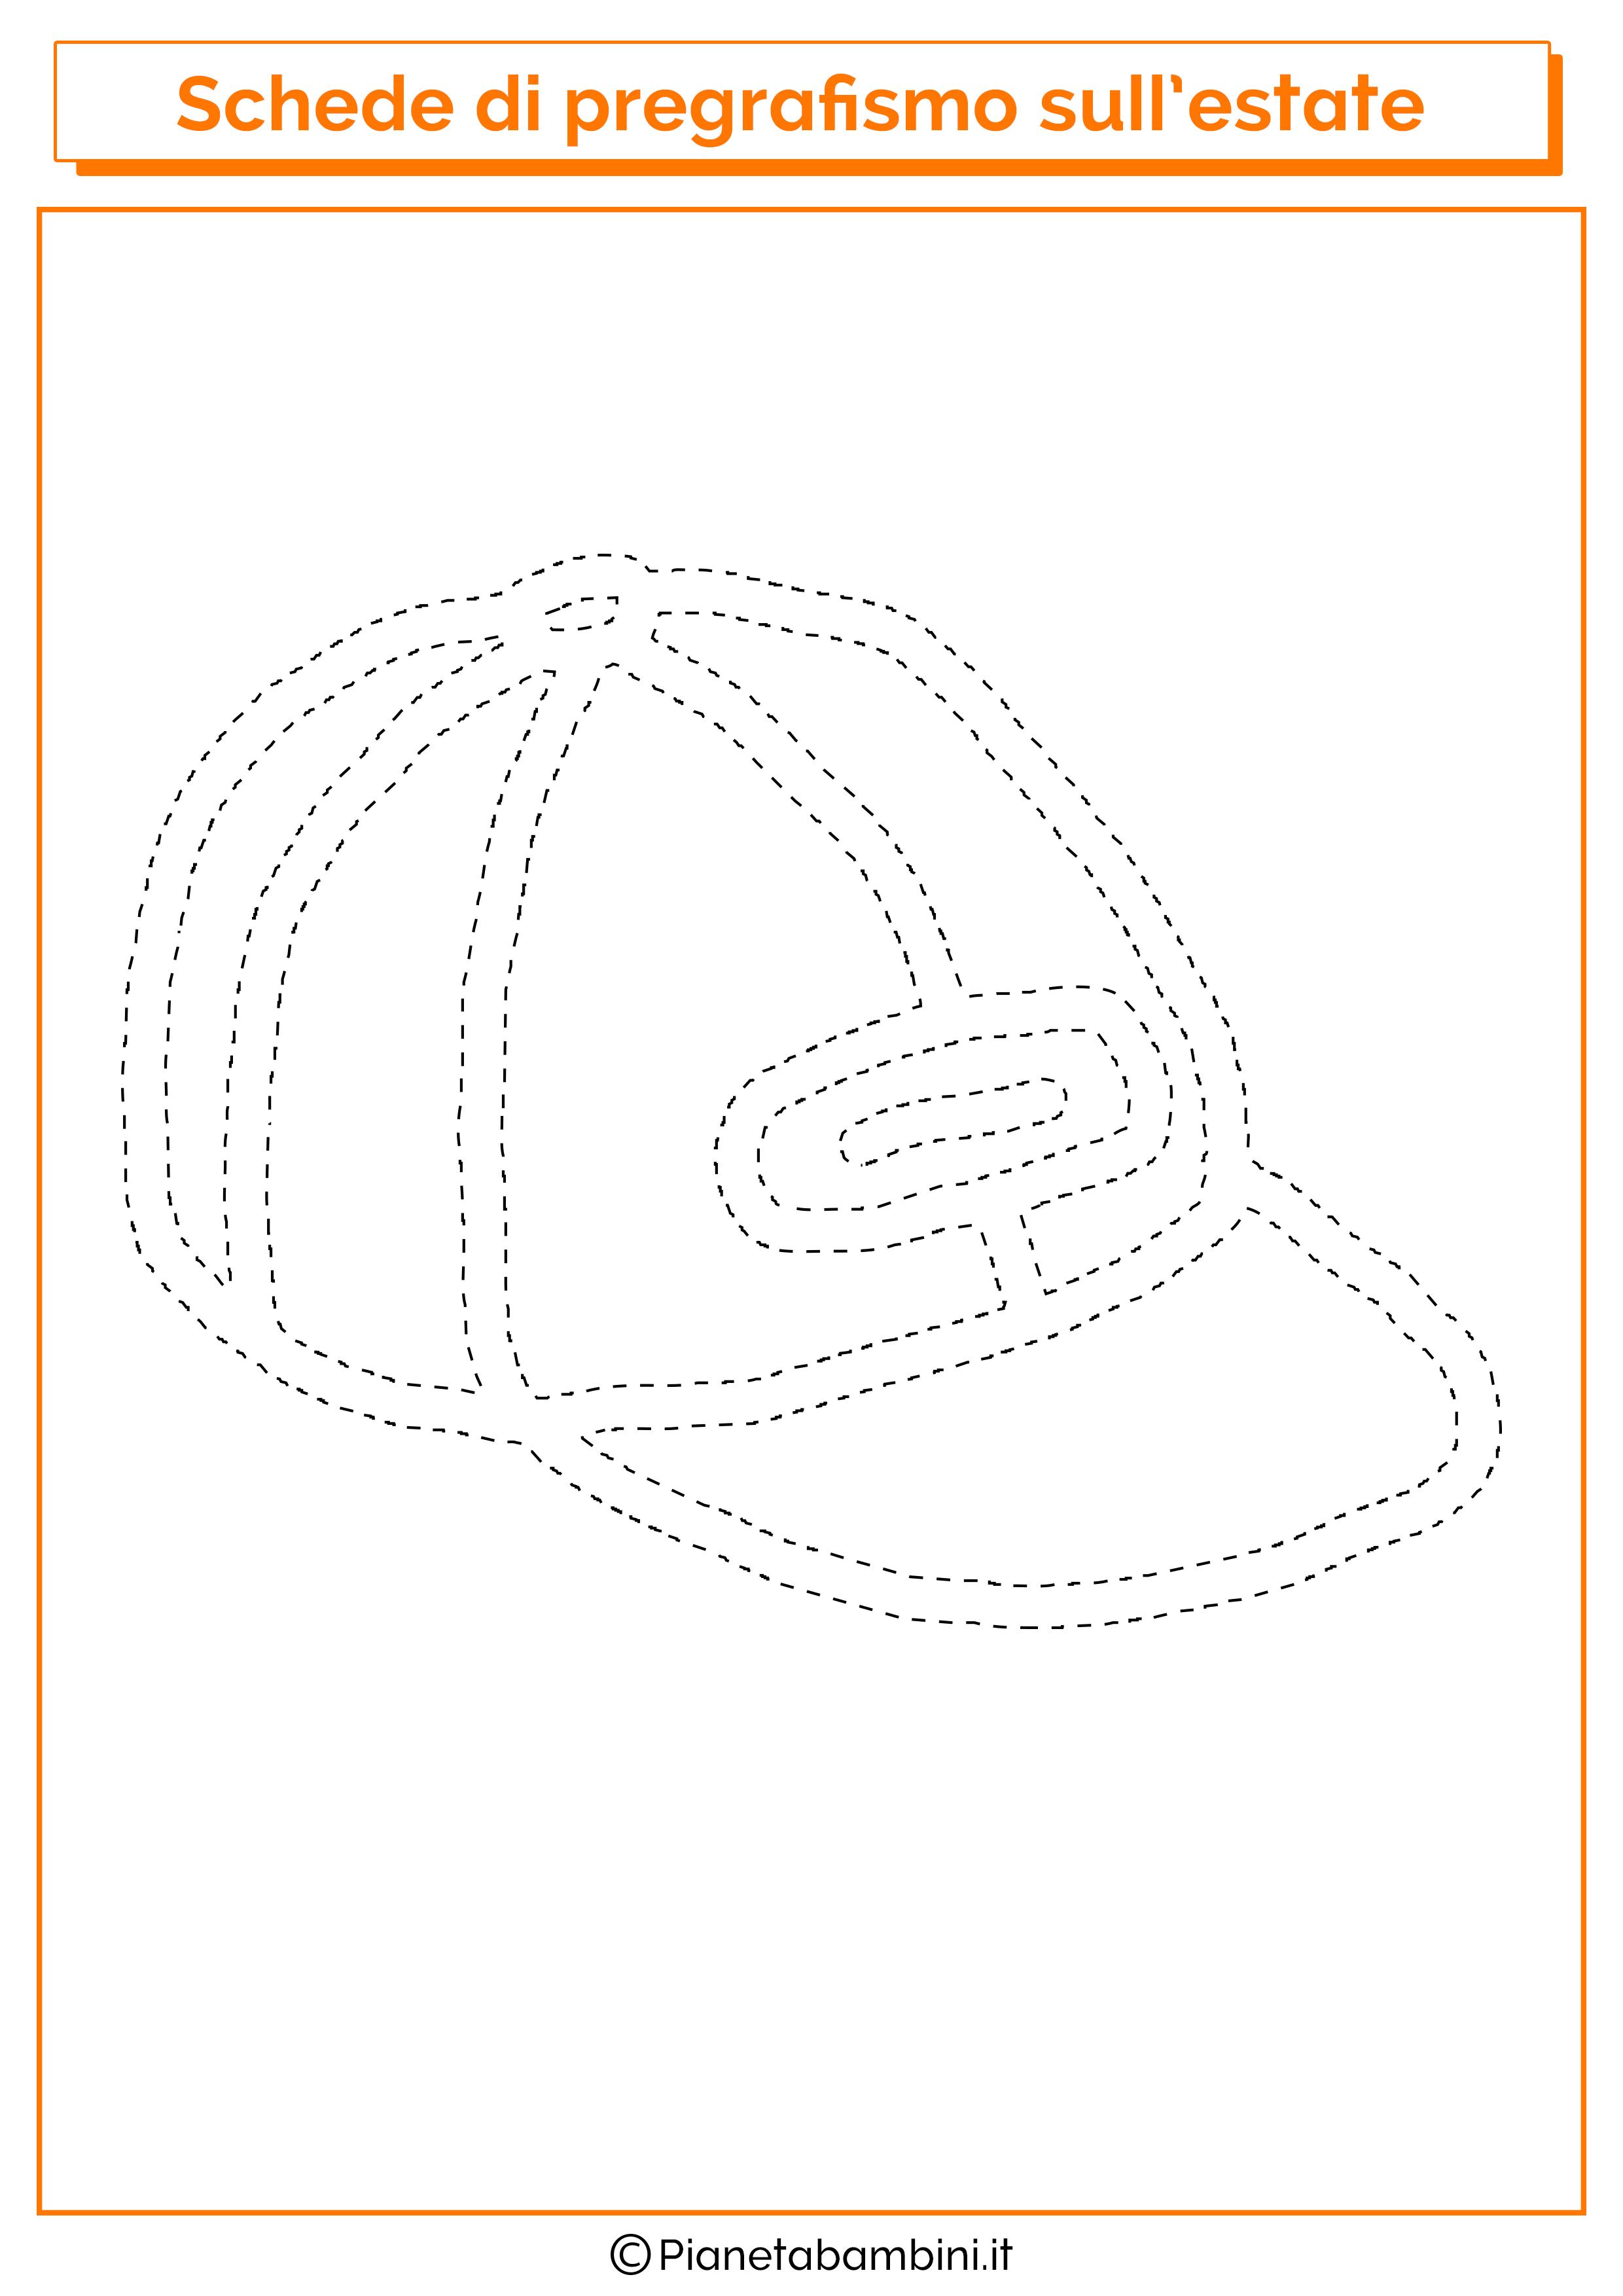 Scheda di pregrafismo sul cappellino